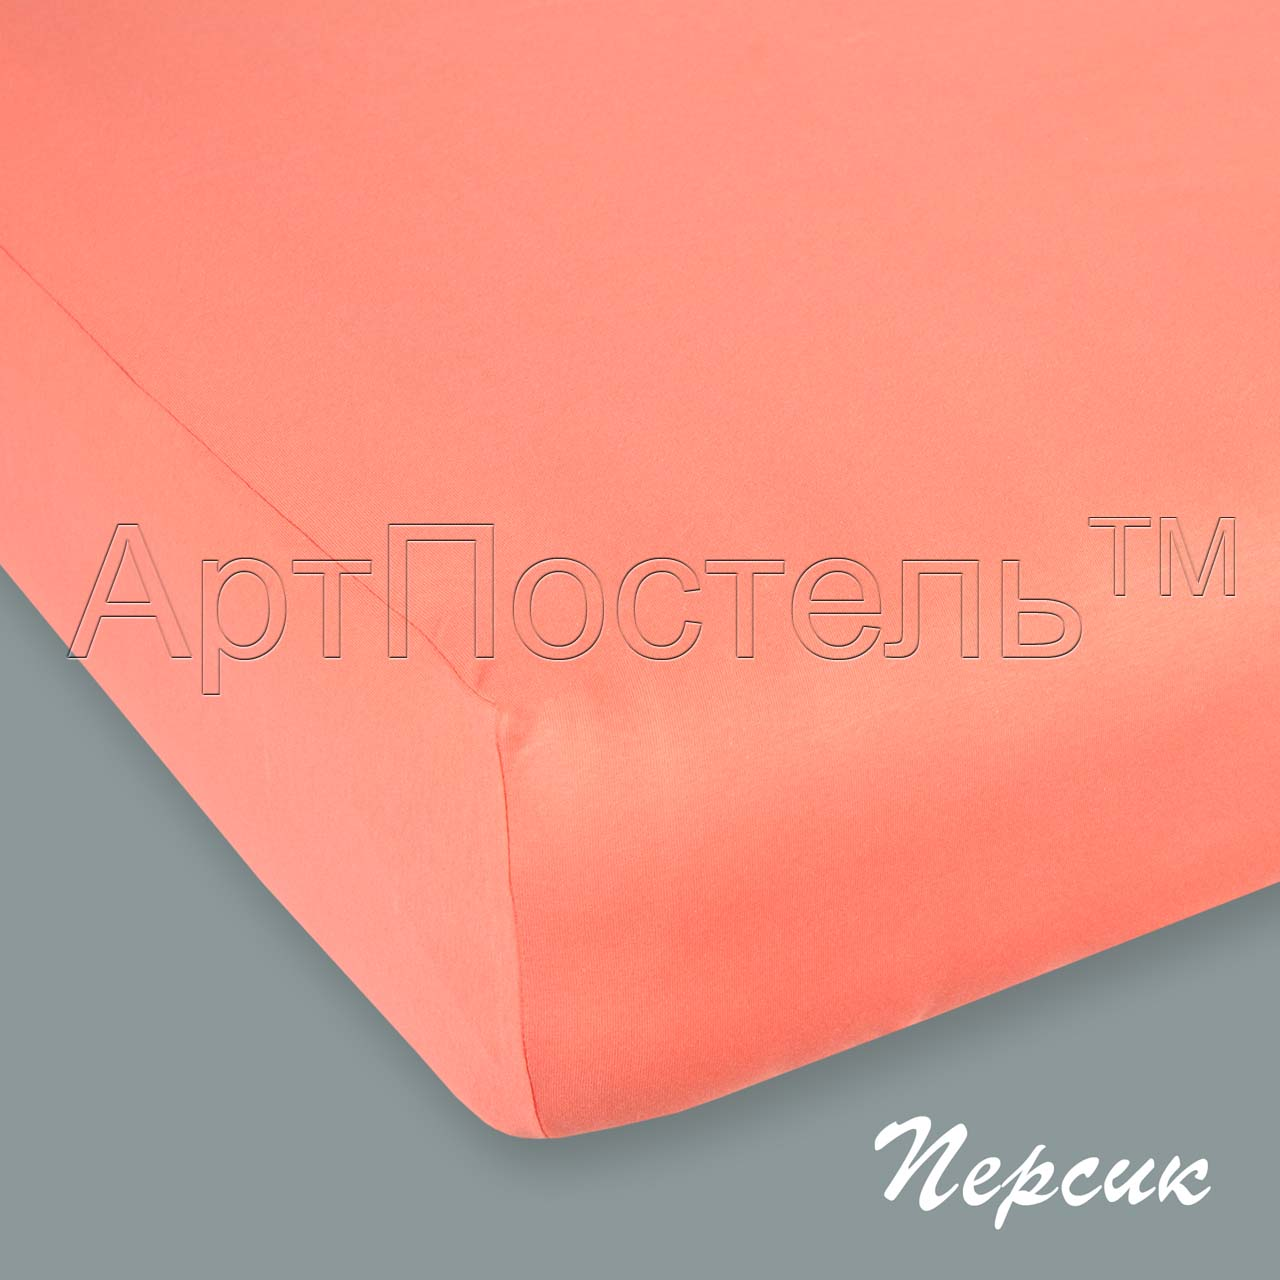 Простыня на резинке Персик, размер 200х200 смПростыни<br>Плотность ткани: 145 г/кв. м <br>Высота матраса: 20 см<br><br>Тип: Простыня<br>Размер: 200х200<br>Материал: Кулирка